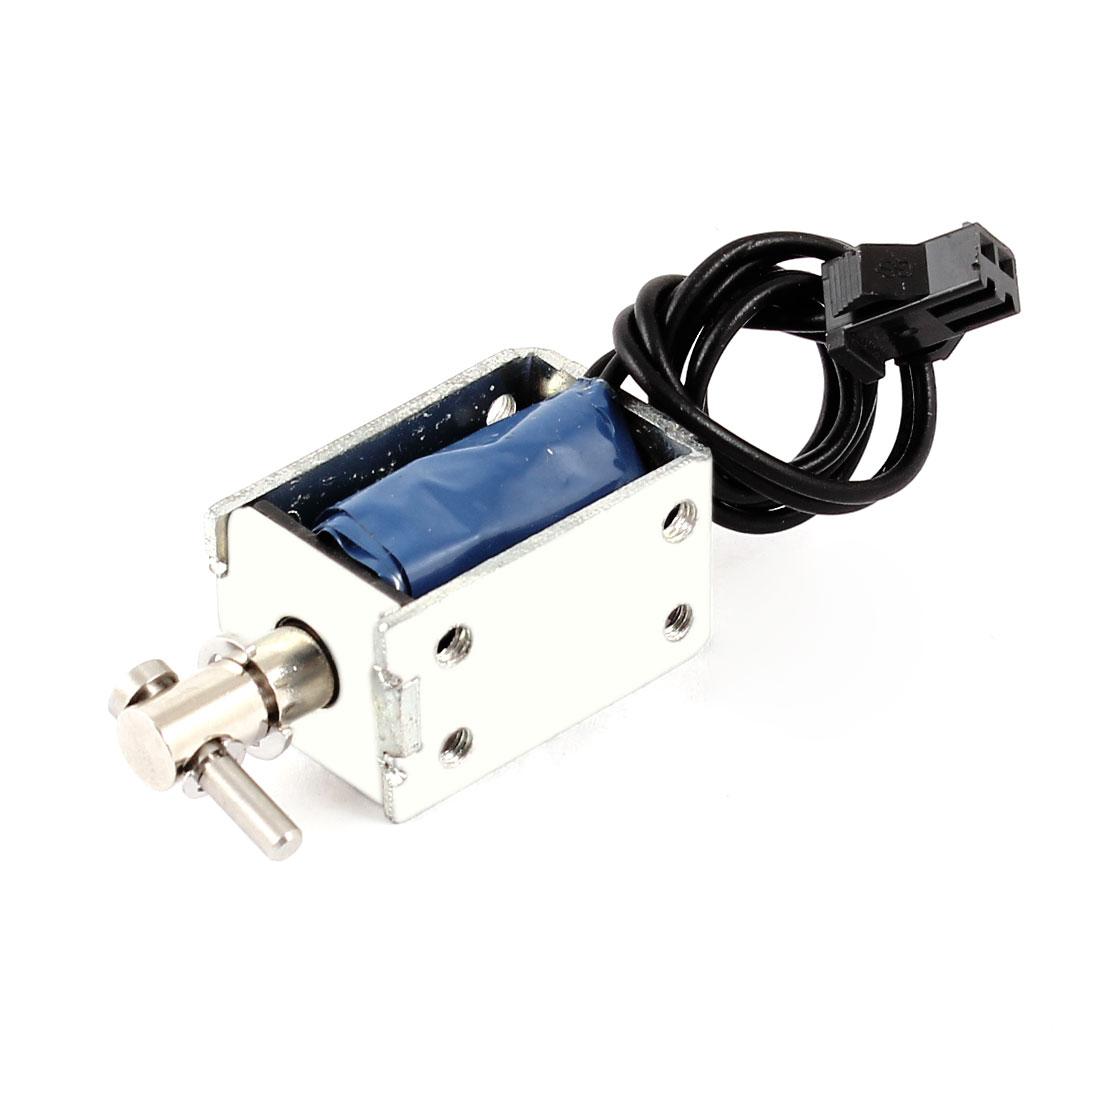 5mm Stroke 0.3Kg Holding Force Open Frame Solenoid Electromagnet DC 24V